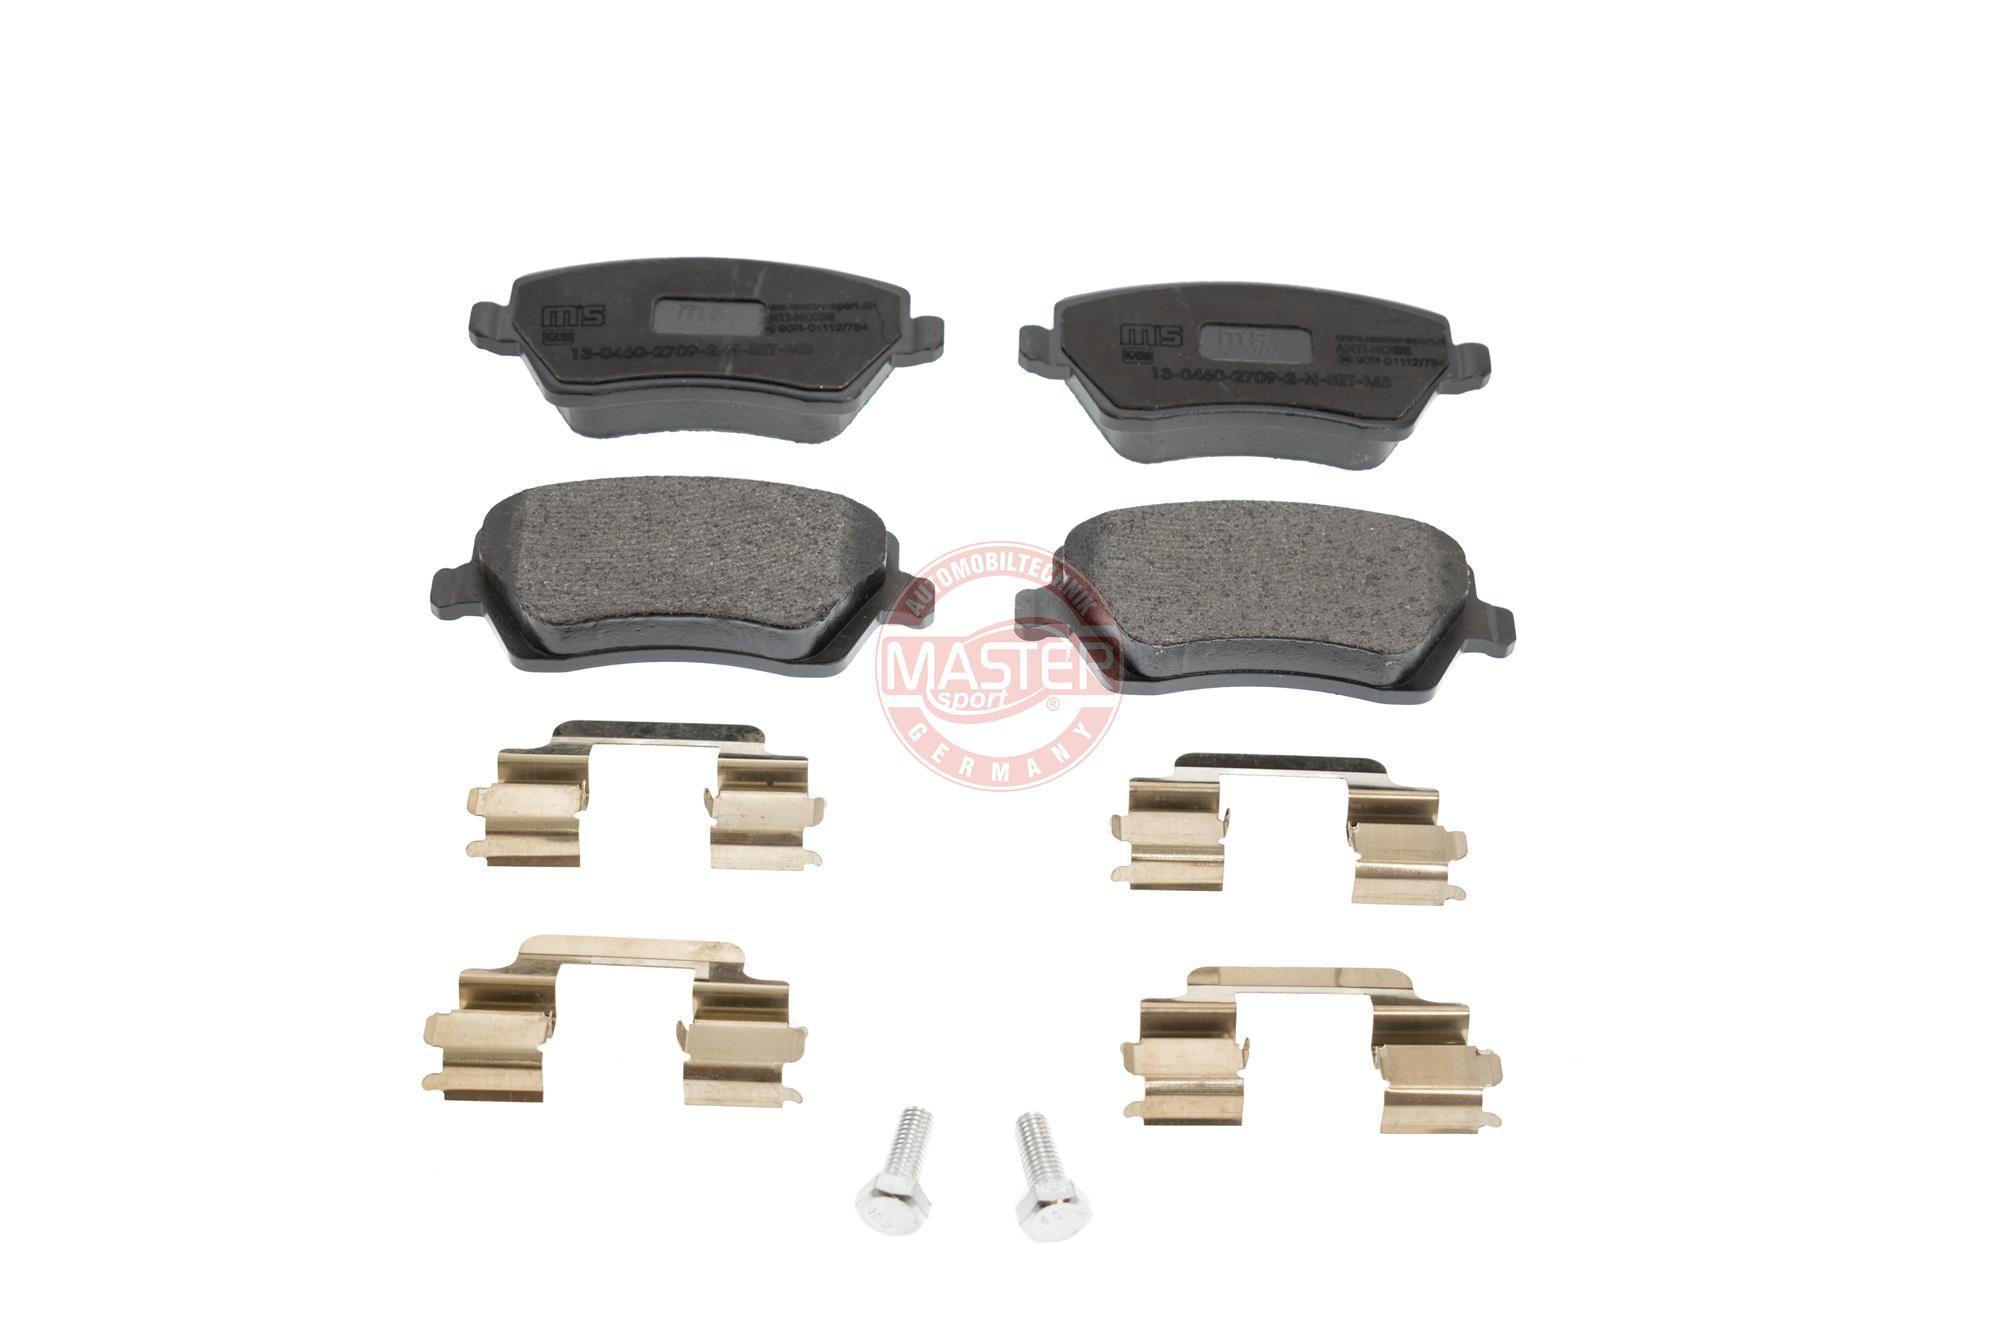 13046027092NSETMS Bremsbeläge Premium MASTER-SPORT 236027092 - Große Auswahl - stark reduziert